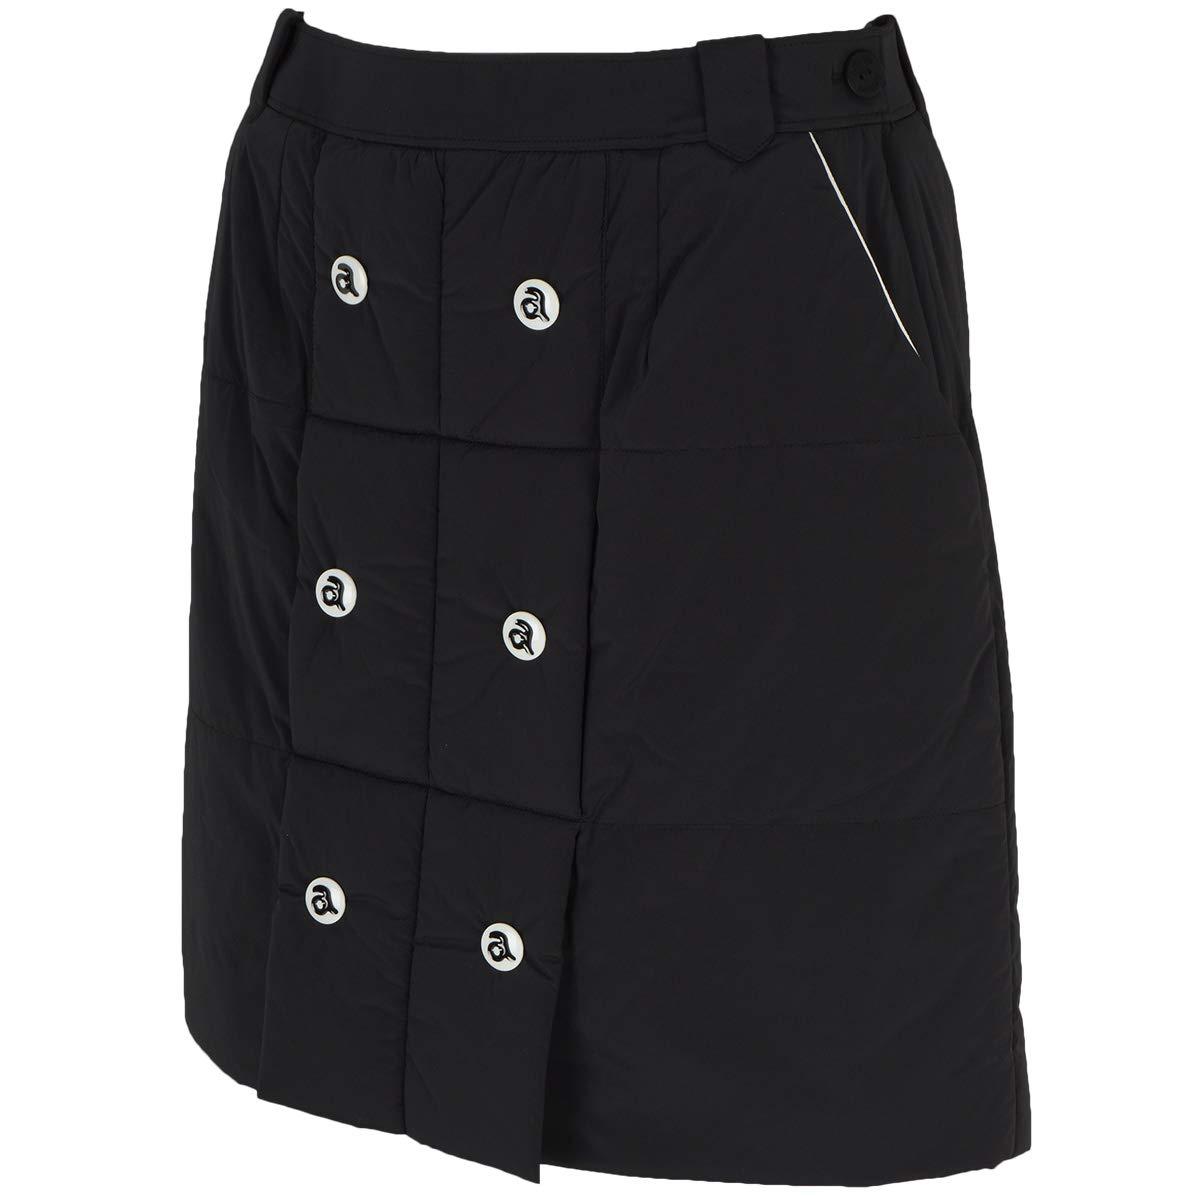 アルチビオ archivio スカート スカート レディス 38 ブラック 001 B07L3F6TKJ